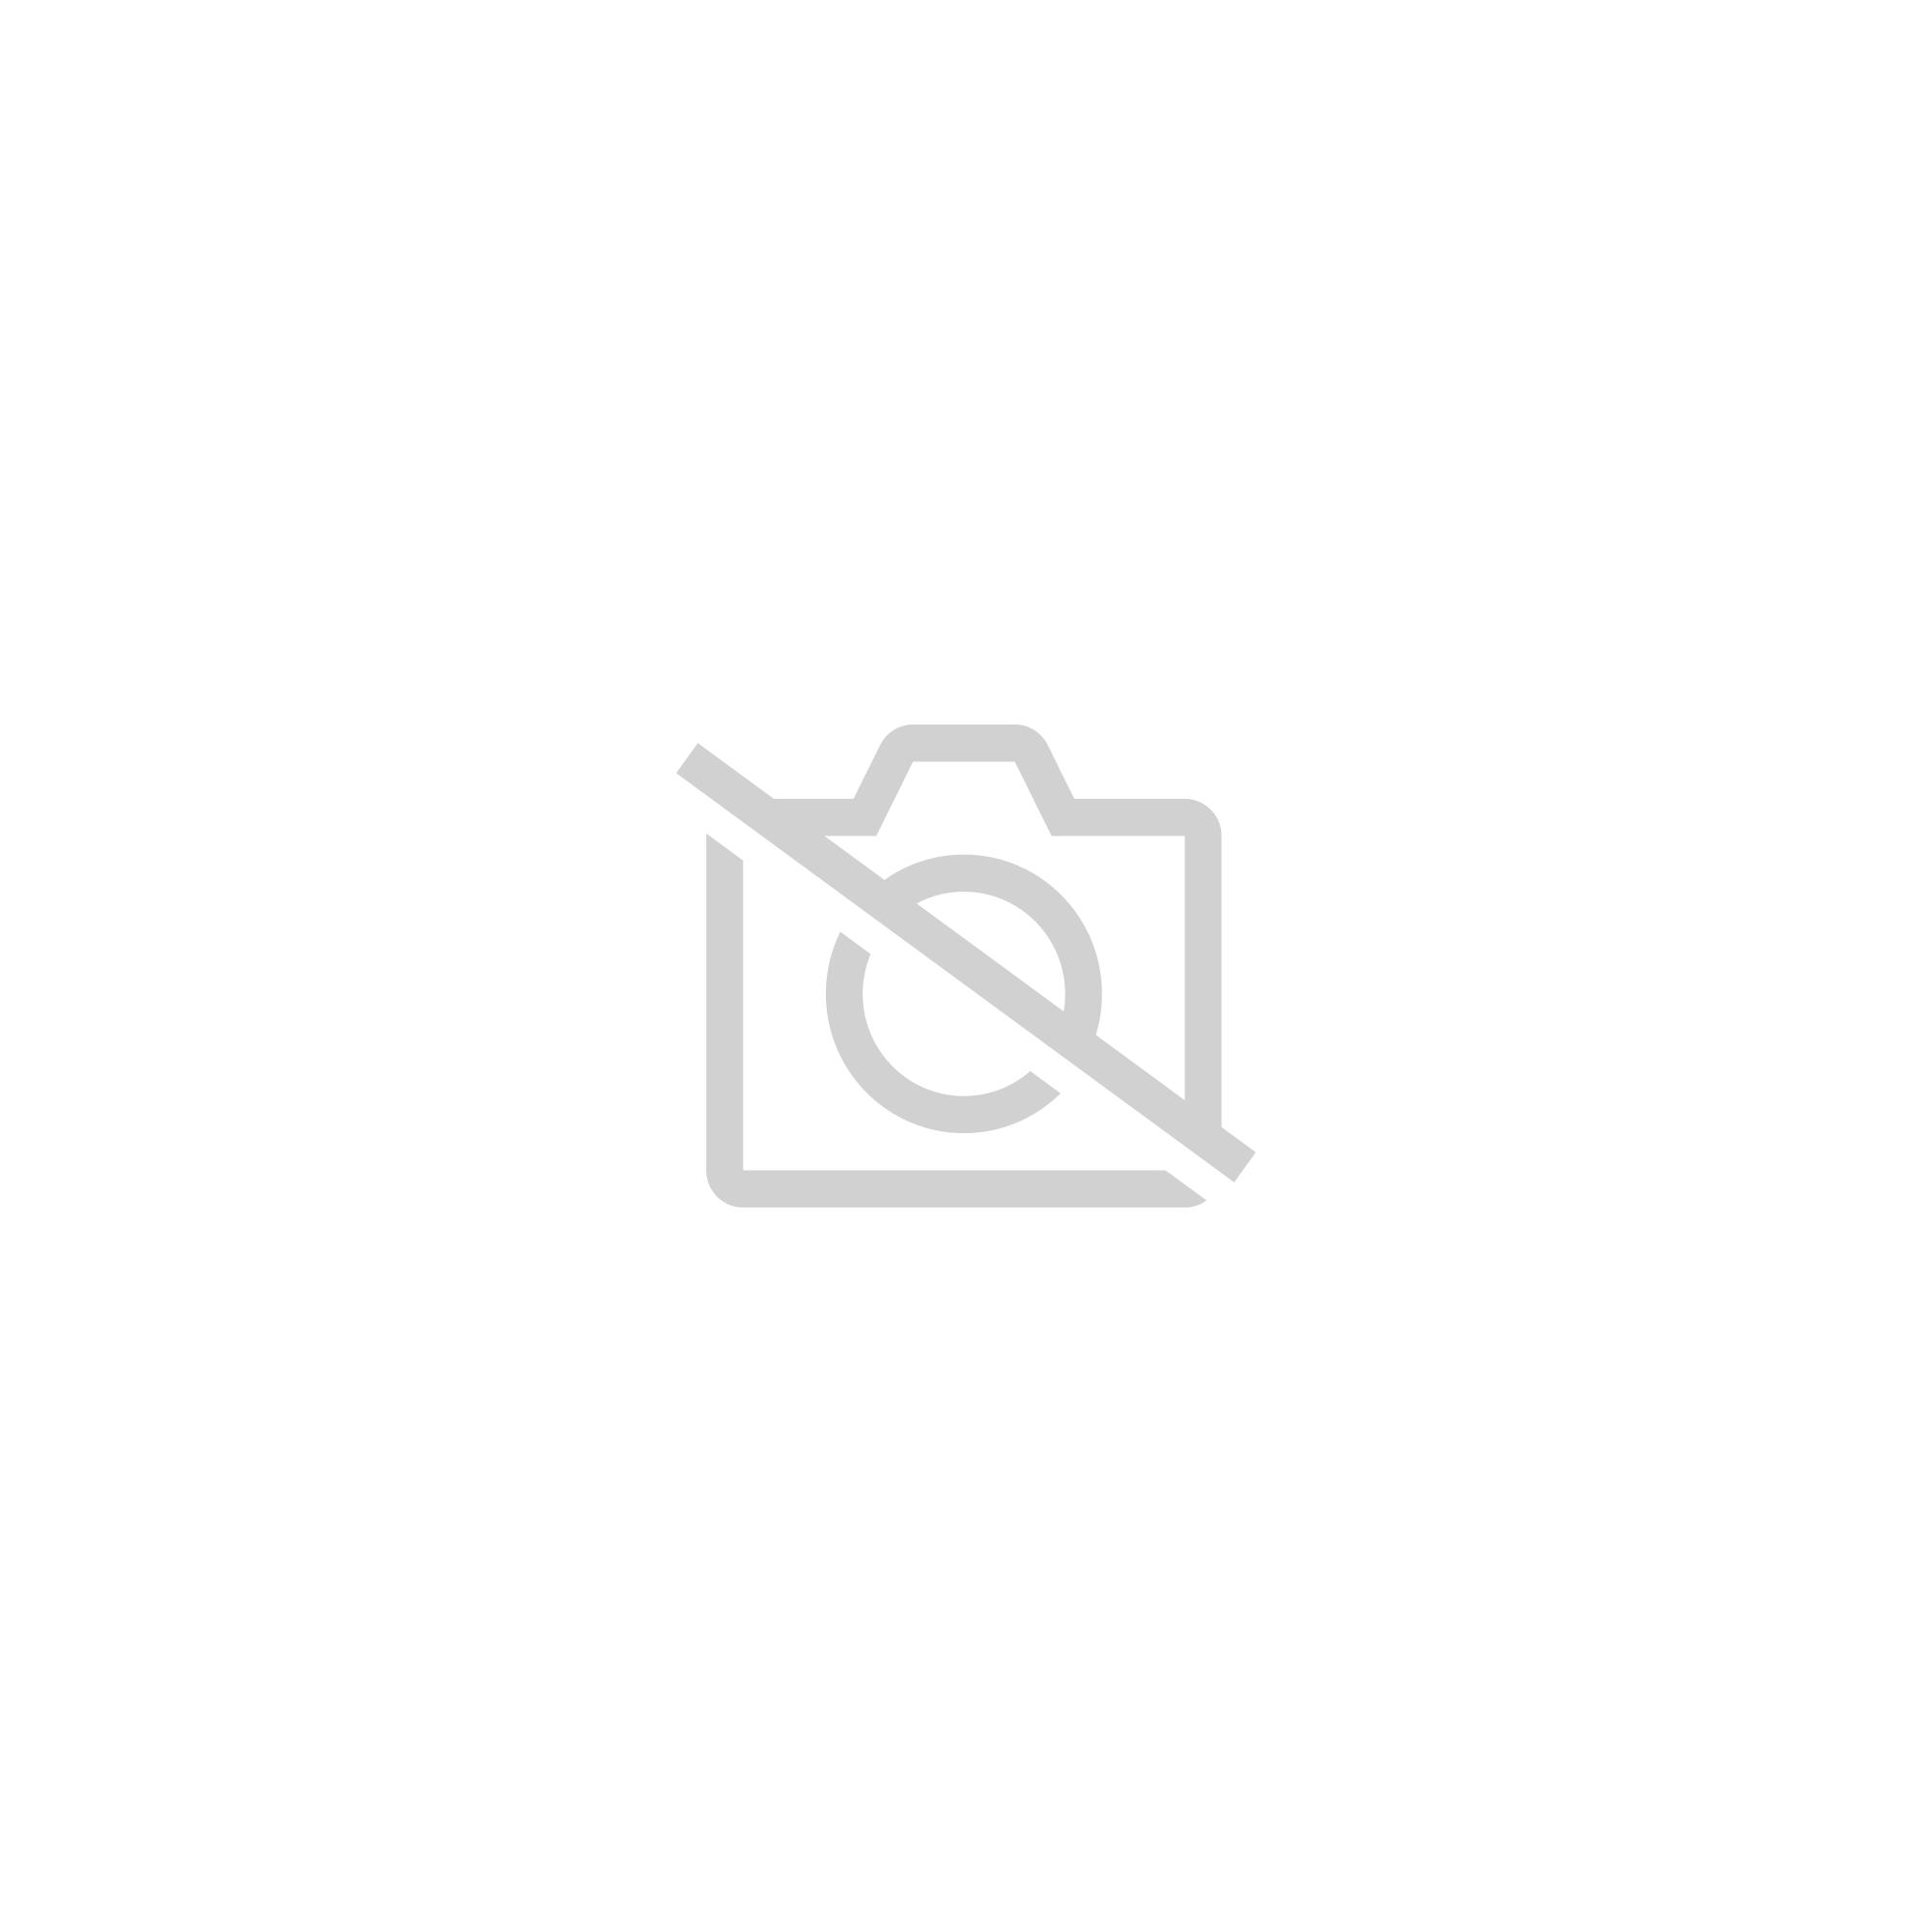 France 1986: Suite de 2 timbres commémoratifs neufs, N° 2394 et 2395.